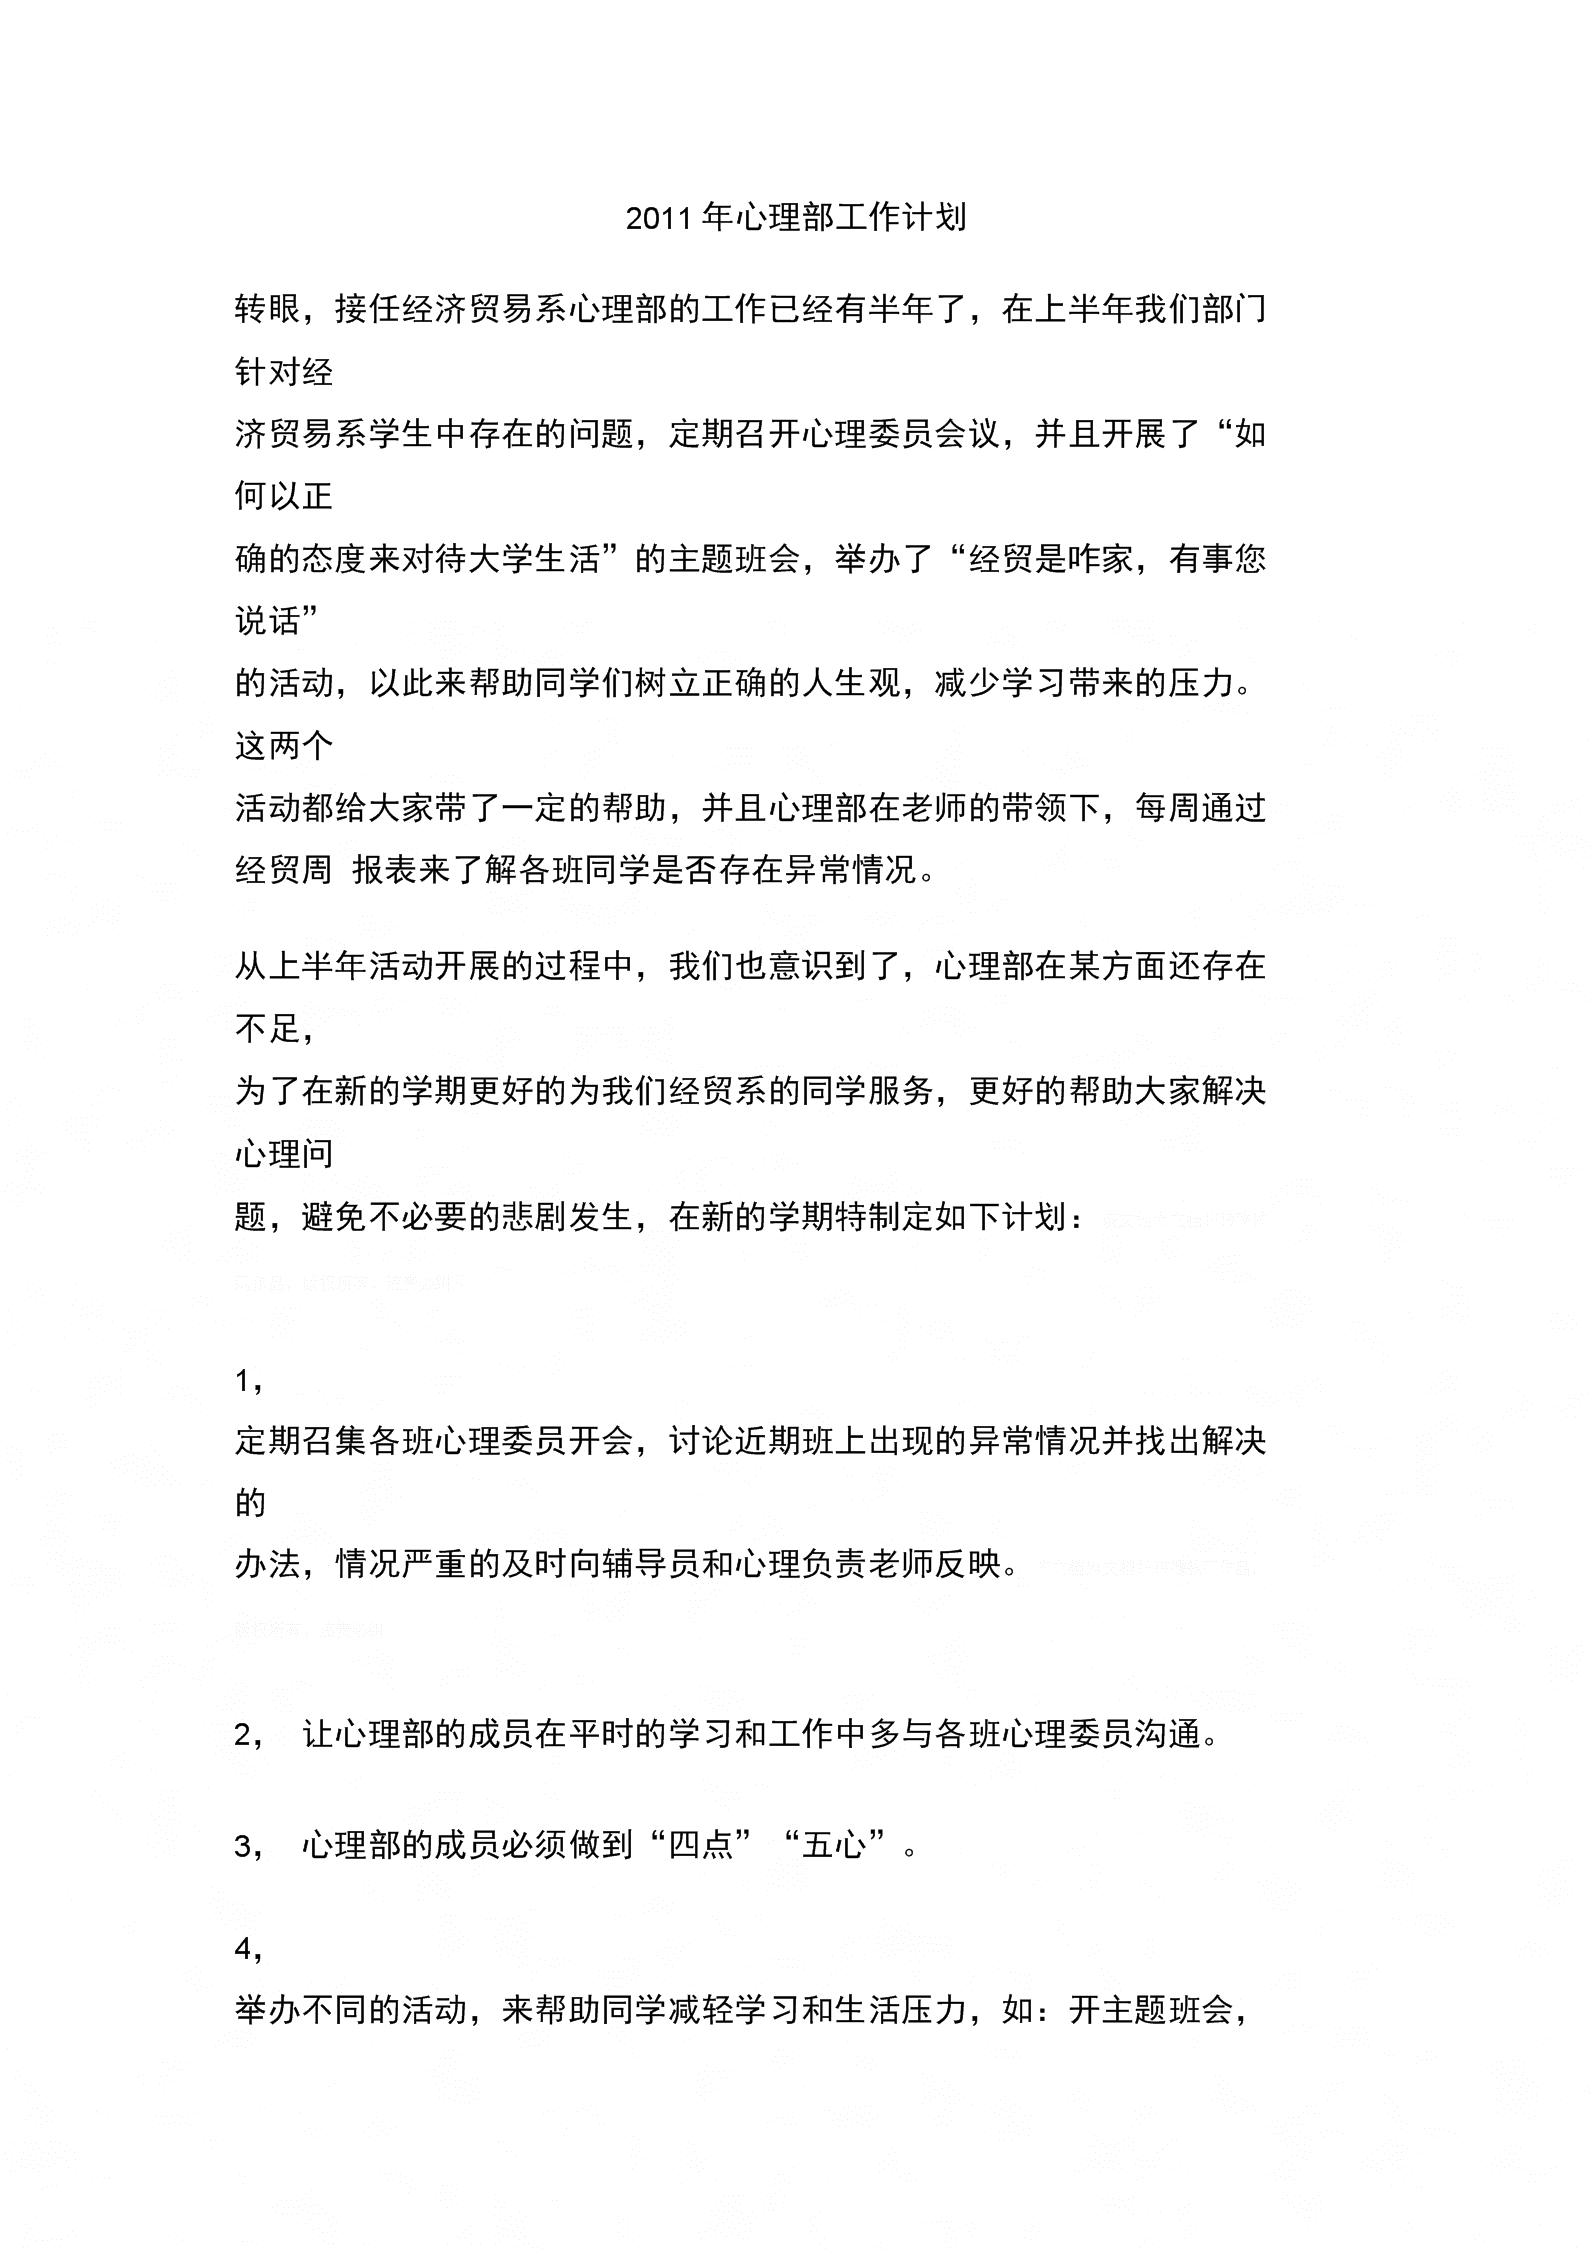 2011年心理部工作计划.docx